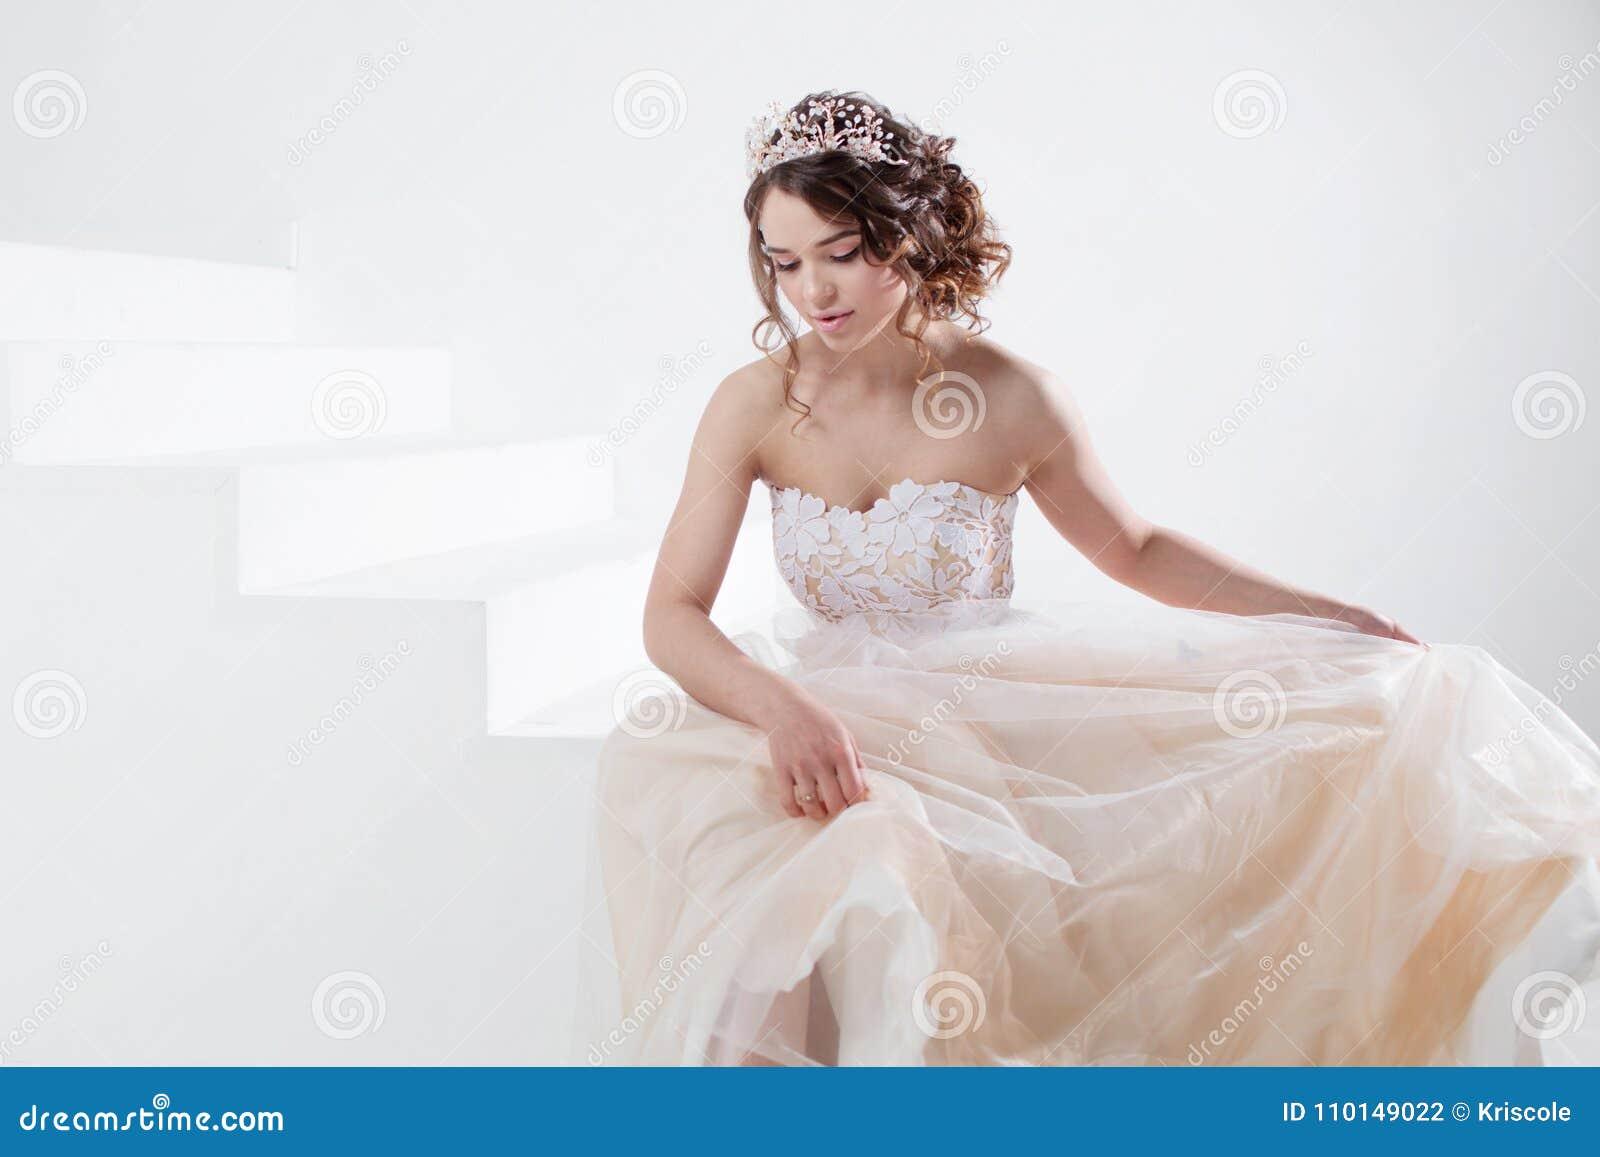 Konzept Der Braut Gehend In Richtung Zum Zukunftigen Gluck Schones